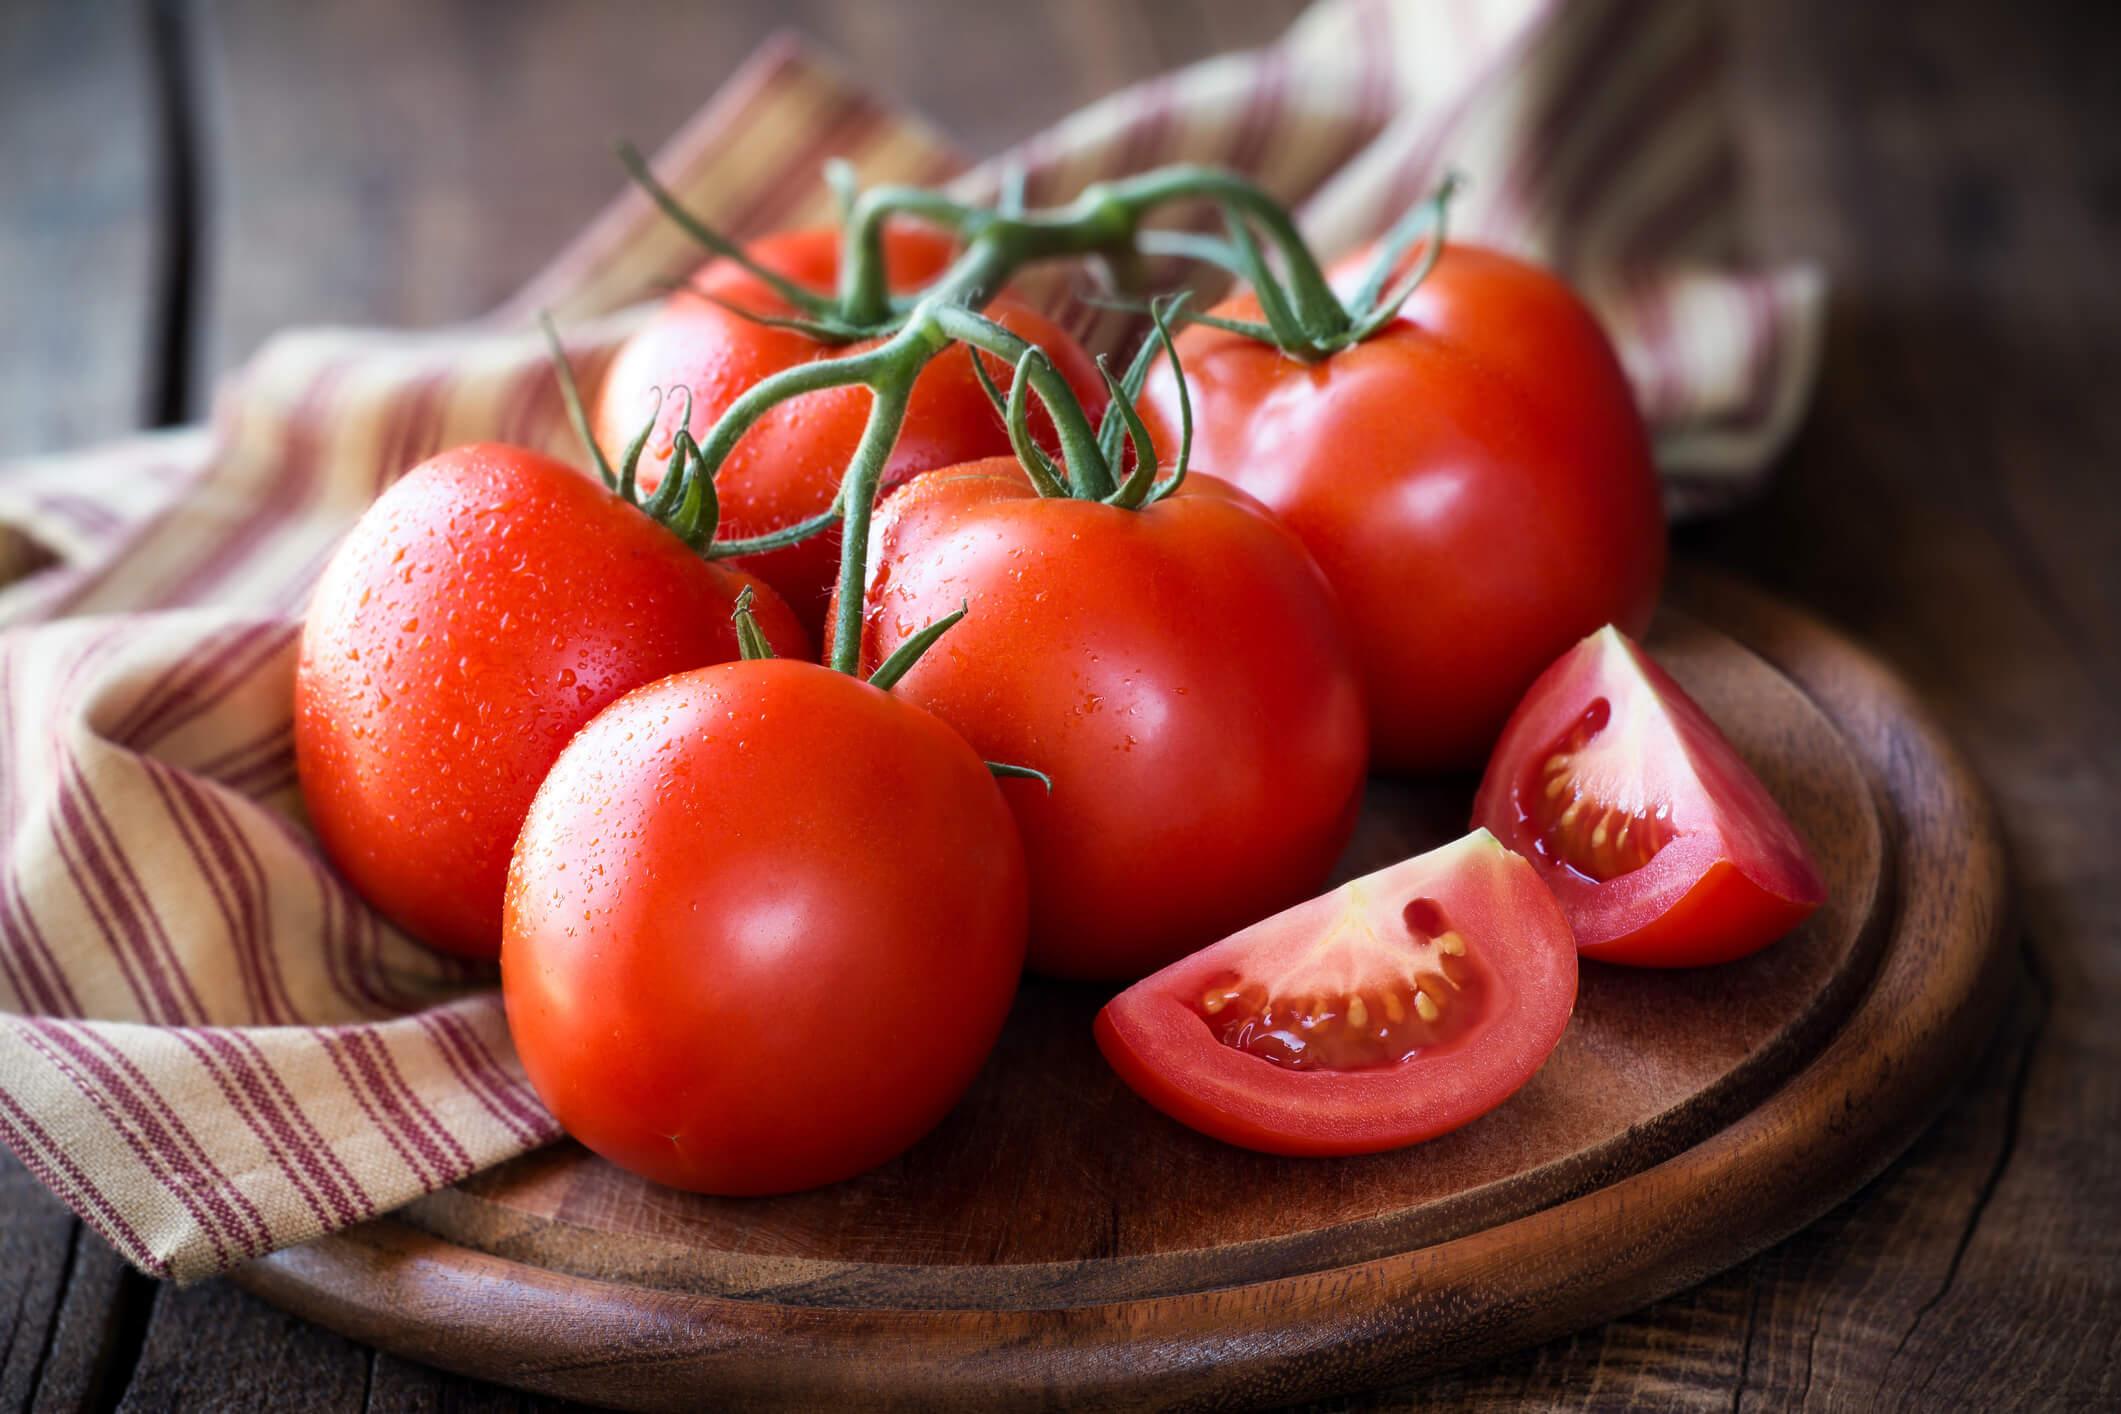 Tomat med lykopen som skyddar huden